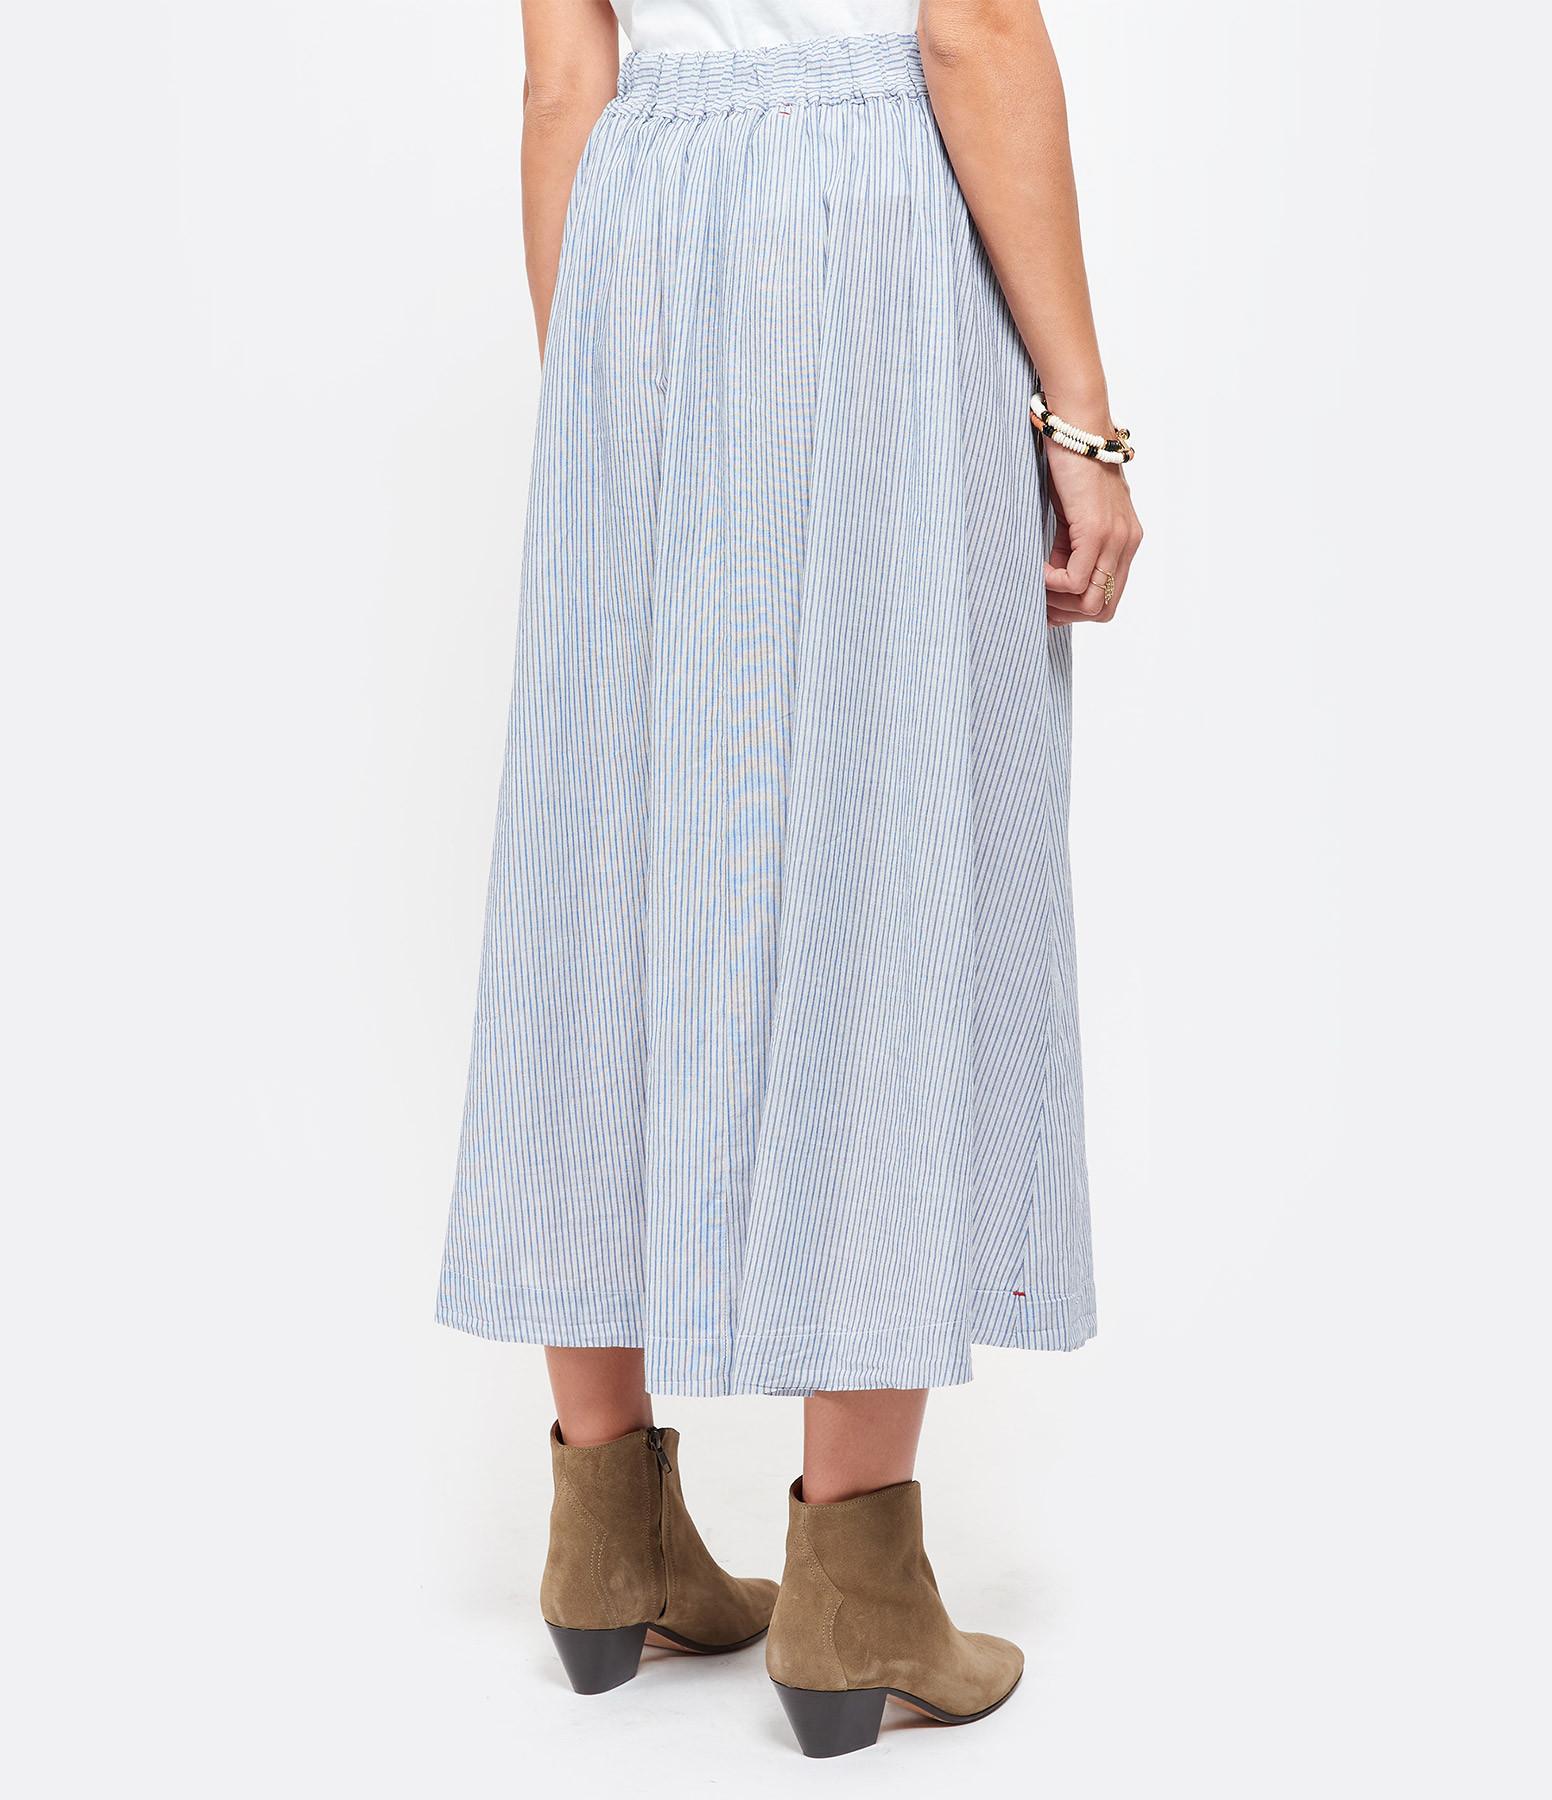 XIRENA - Jupe Teagan Coton Bleu